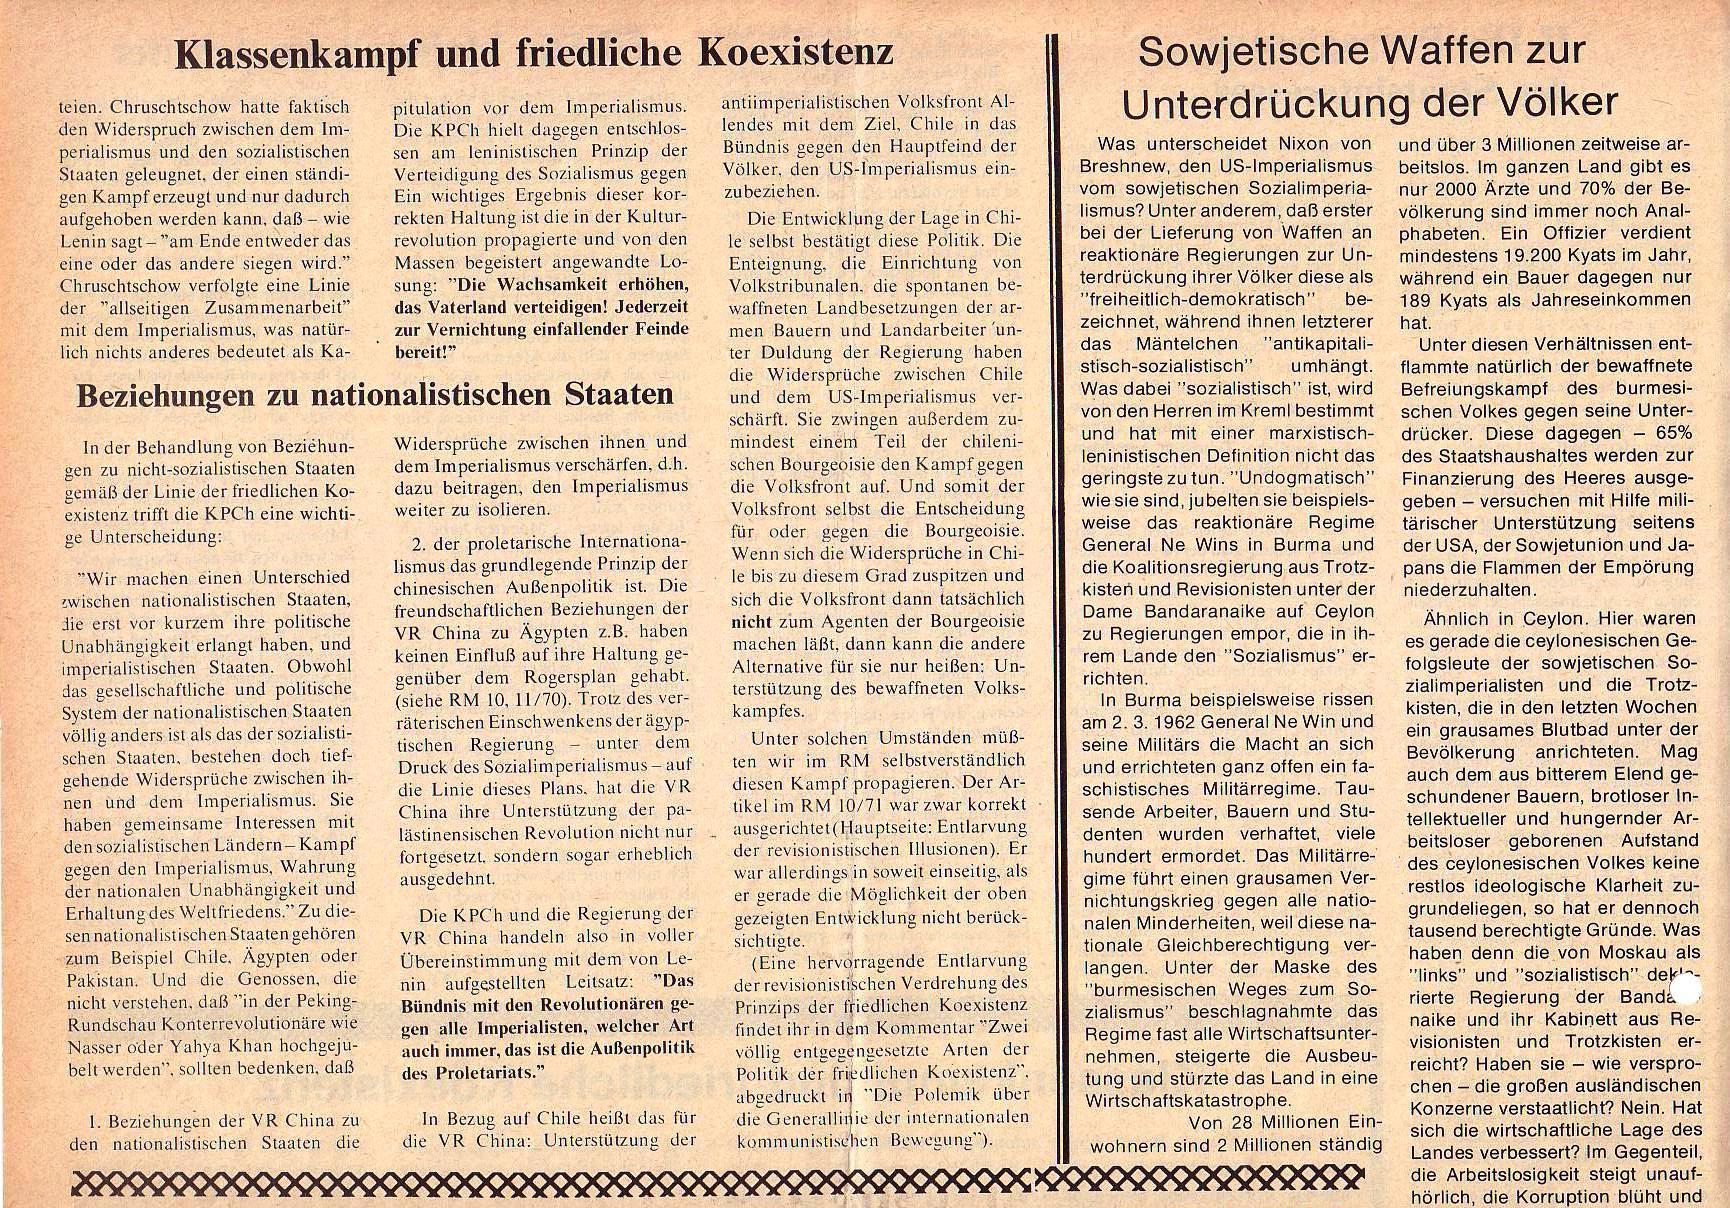 Roter Morgen, 5. Jg., Juni 1971, Nr. 6, Seite 8a